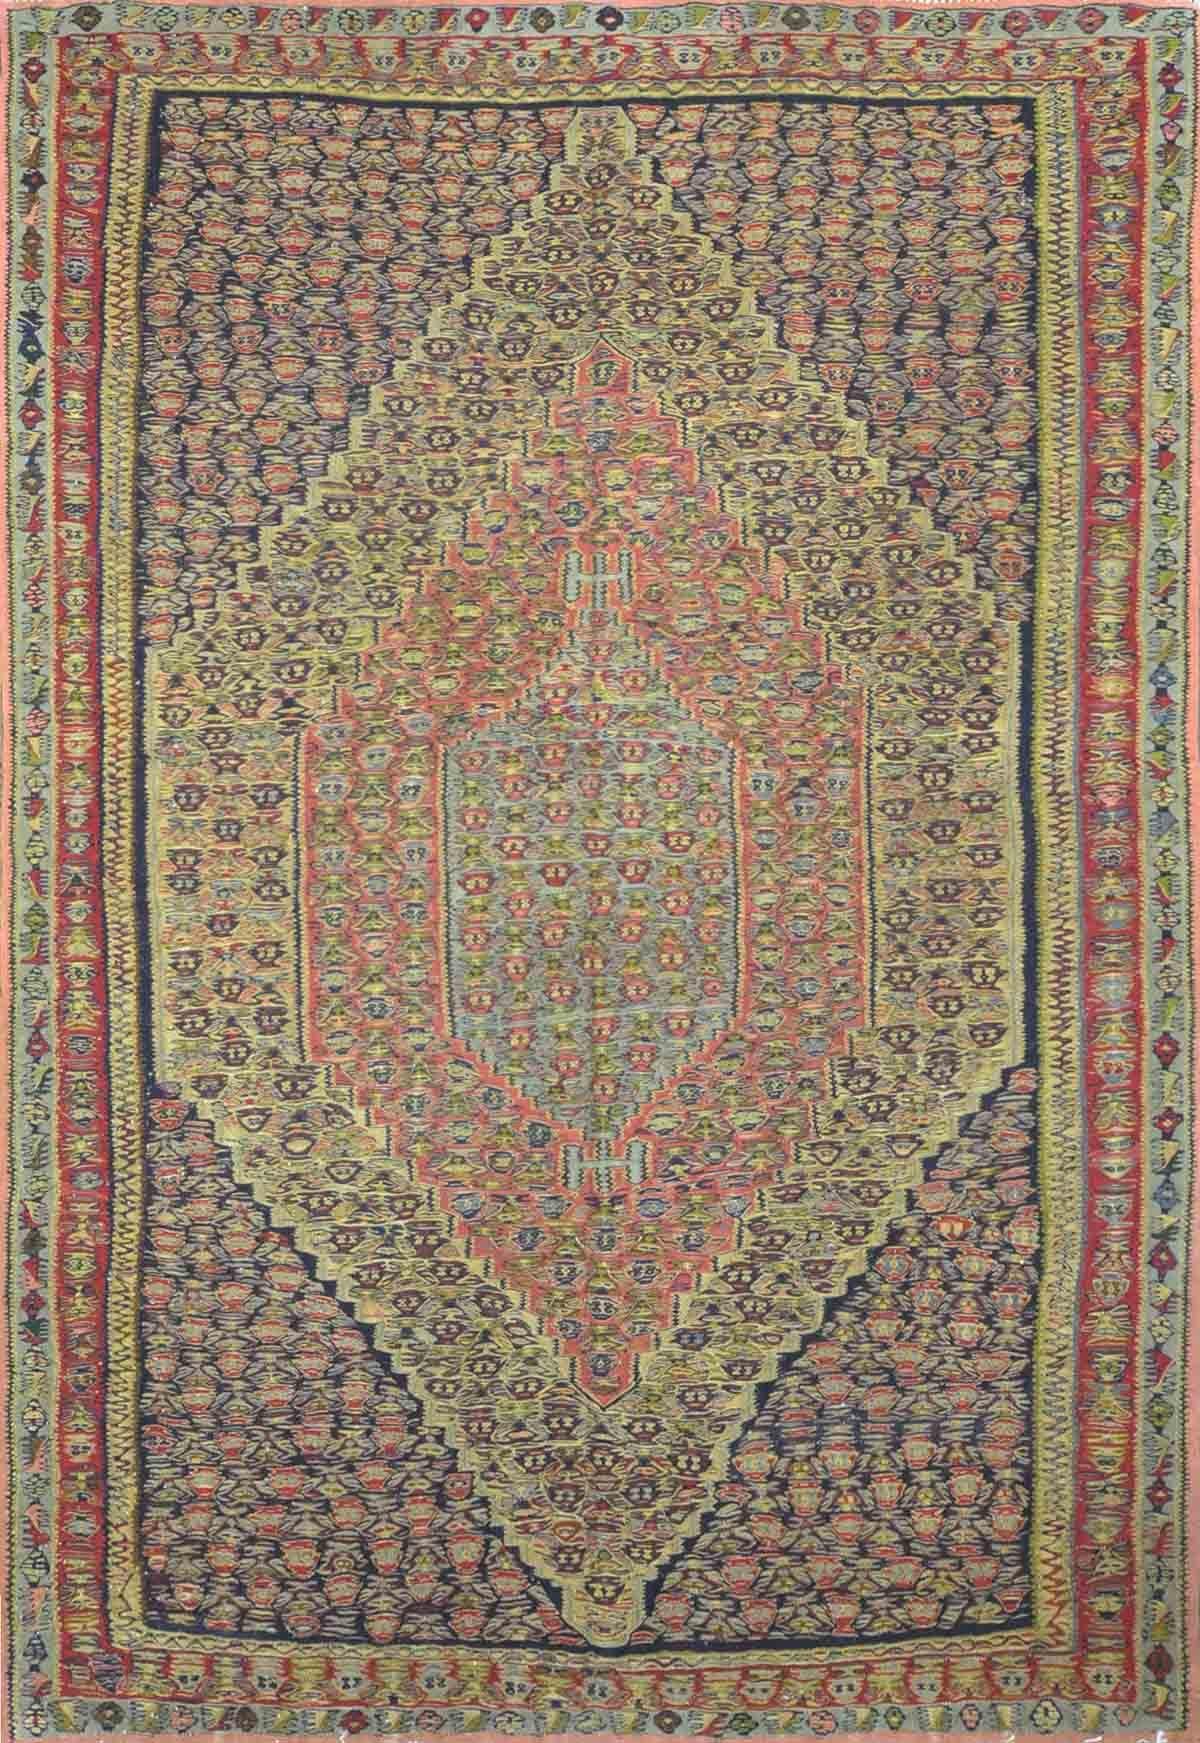 Persian Senneh Kilim Rug Design 1084 6 2 X 9 1